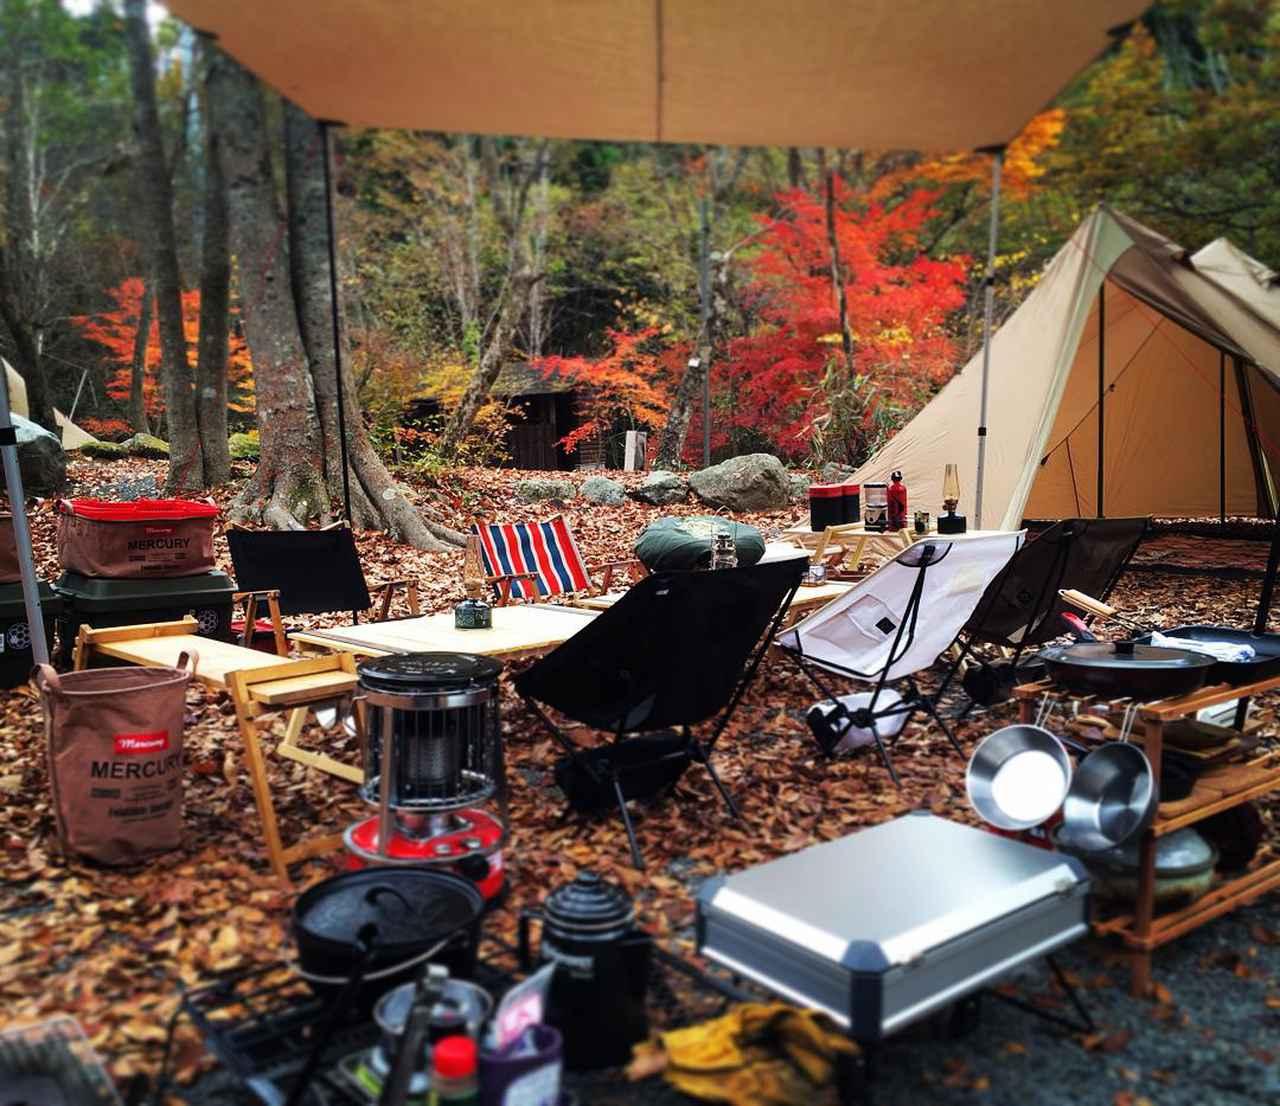 """画像1: GOTO on Instagram: """"#キャンプ#camping #campstyle#山伏オートキャンプ場#NATALDESIGN#alpaca#タトンカ2tc#ニーモ#ヘキサライト6P#nemoequipment #hexalite6p 2015.10.31-11.1 紅葉狩りに来ました最&高‼︎…"""" www.instagram.com"""